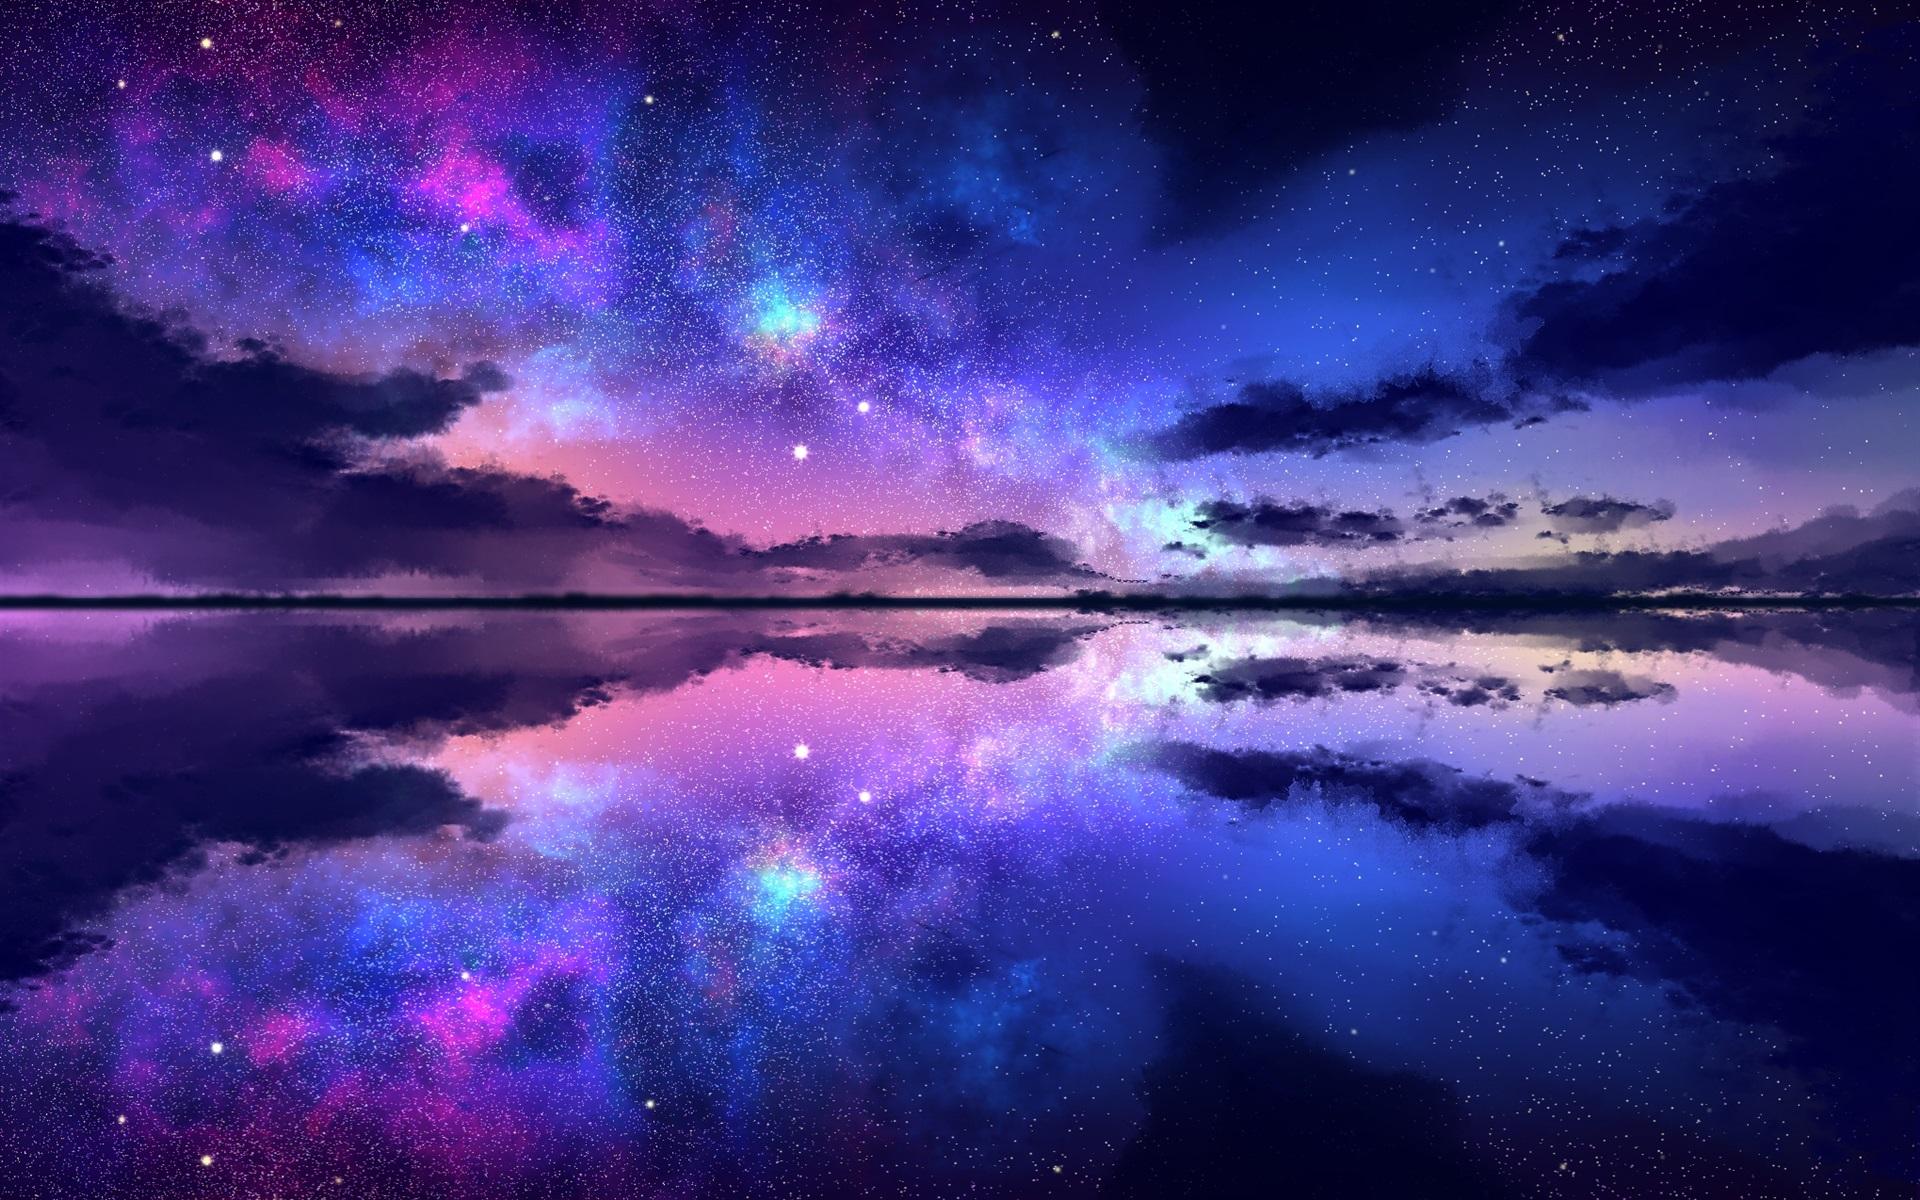 壁紙 美しい夜の自然の風景 星空 星 海 1920x1200 Hd 無料の